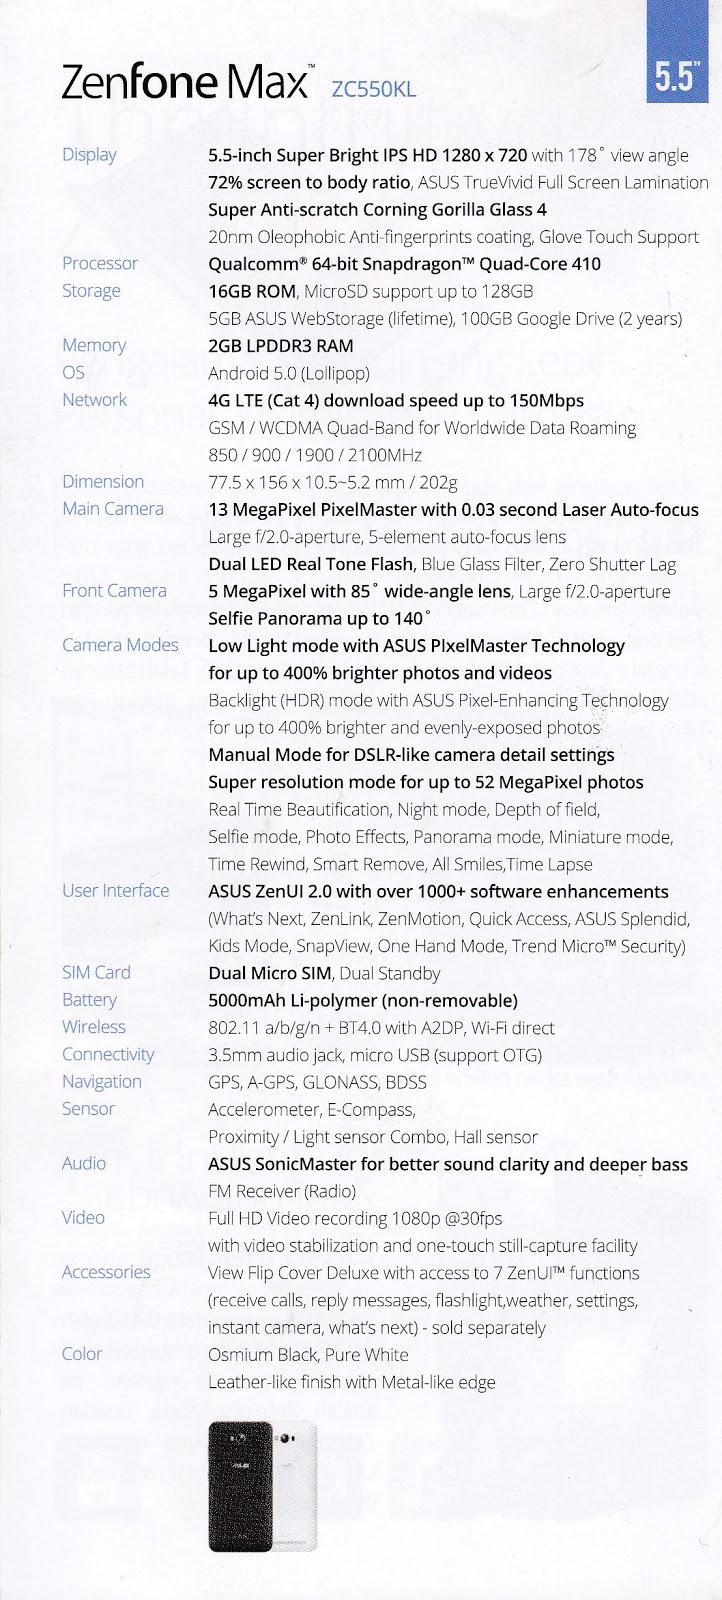 Spesifikasi Handphone ASUS Zenfone Max